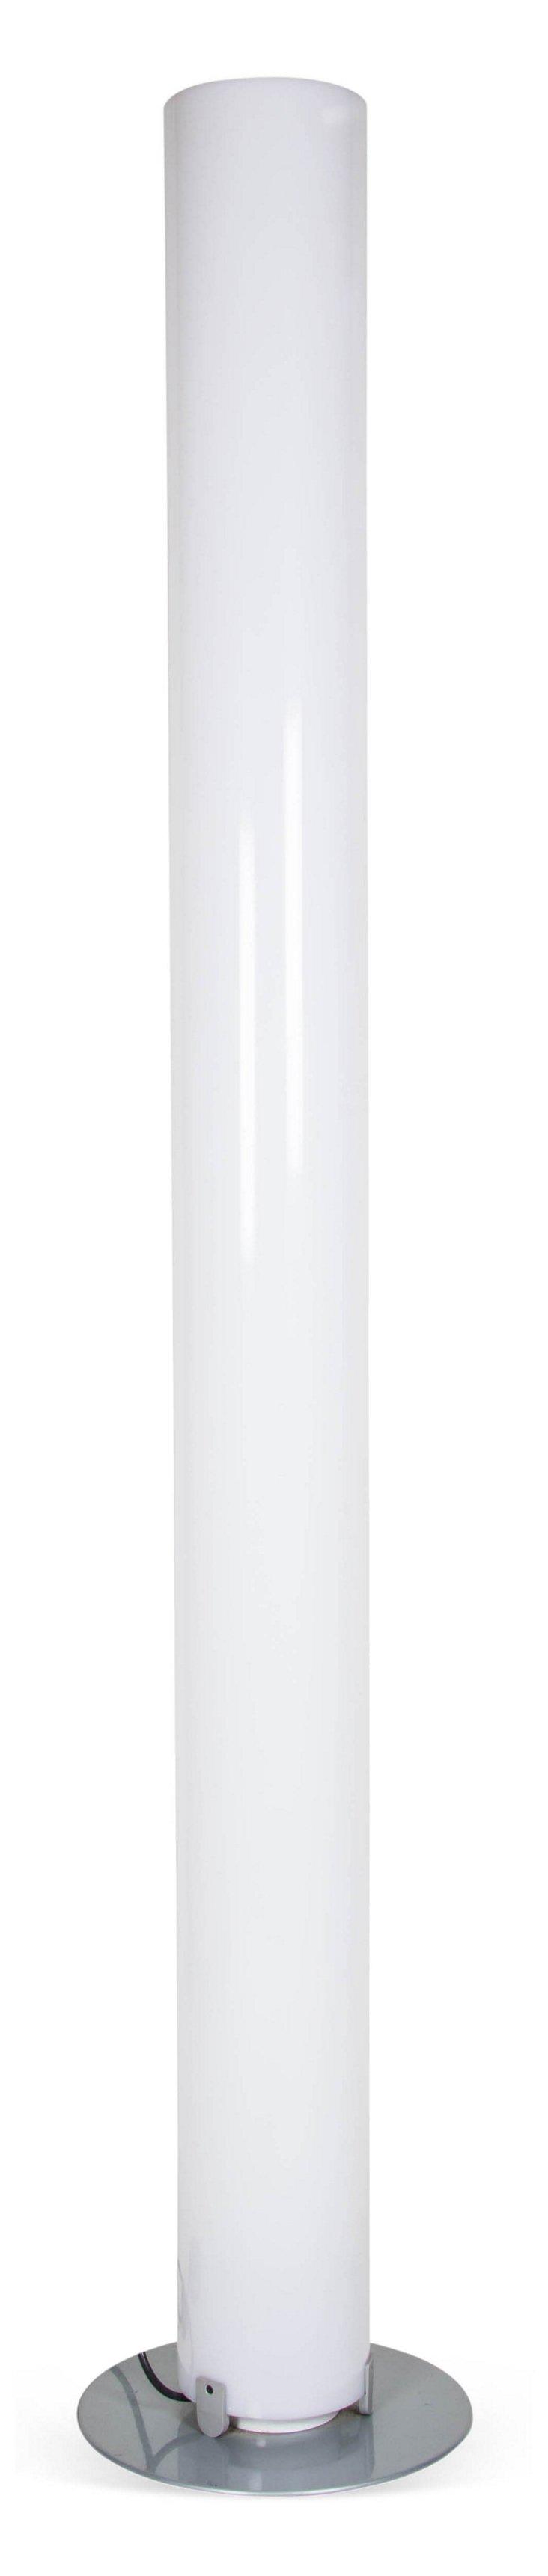 Flos Stylos Lamp